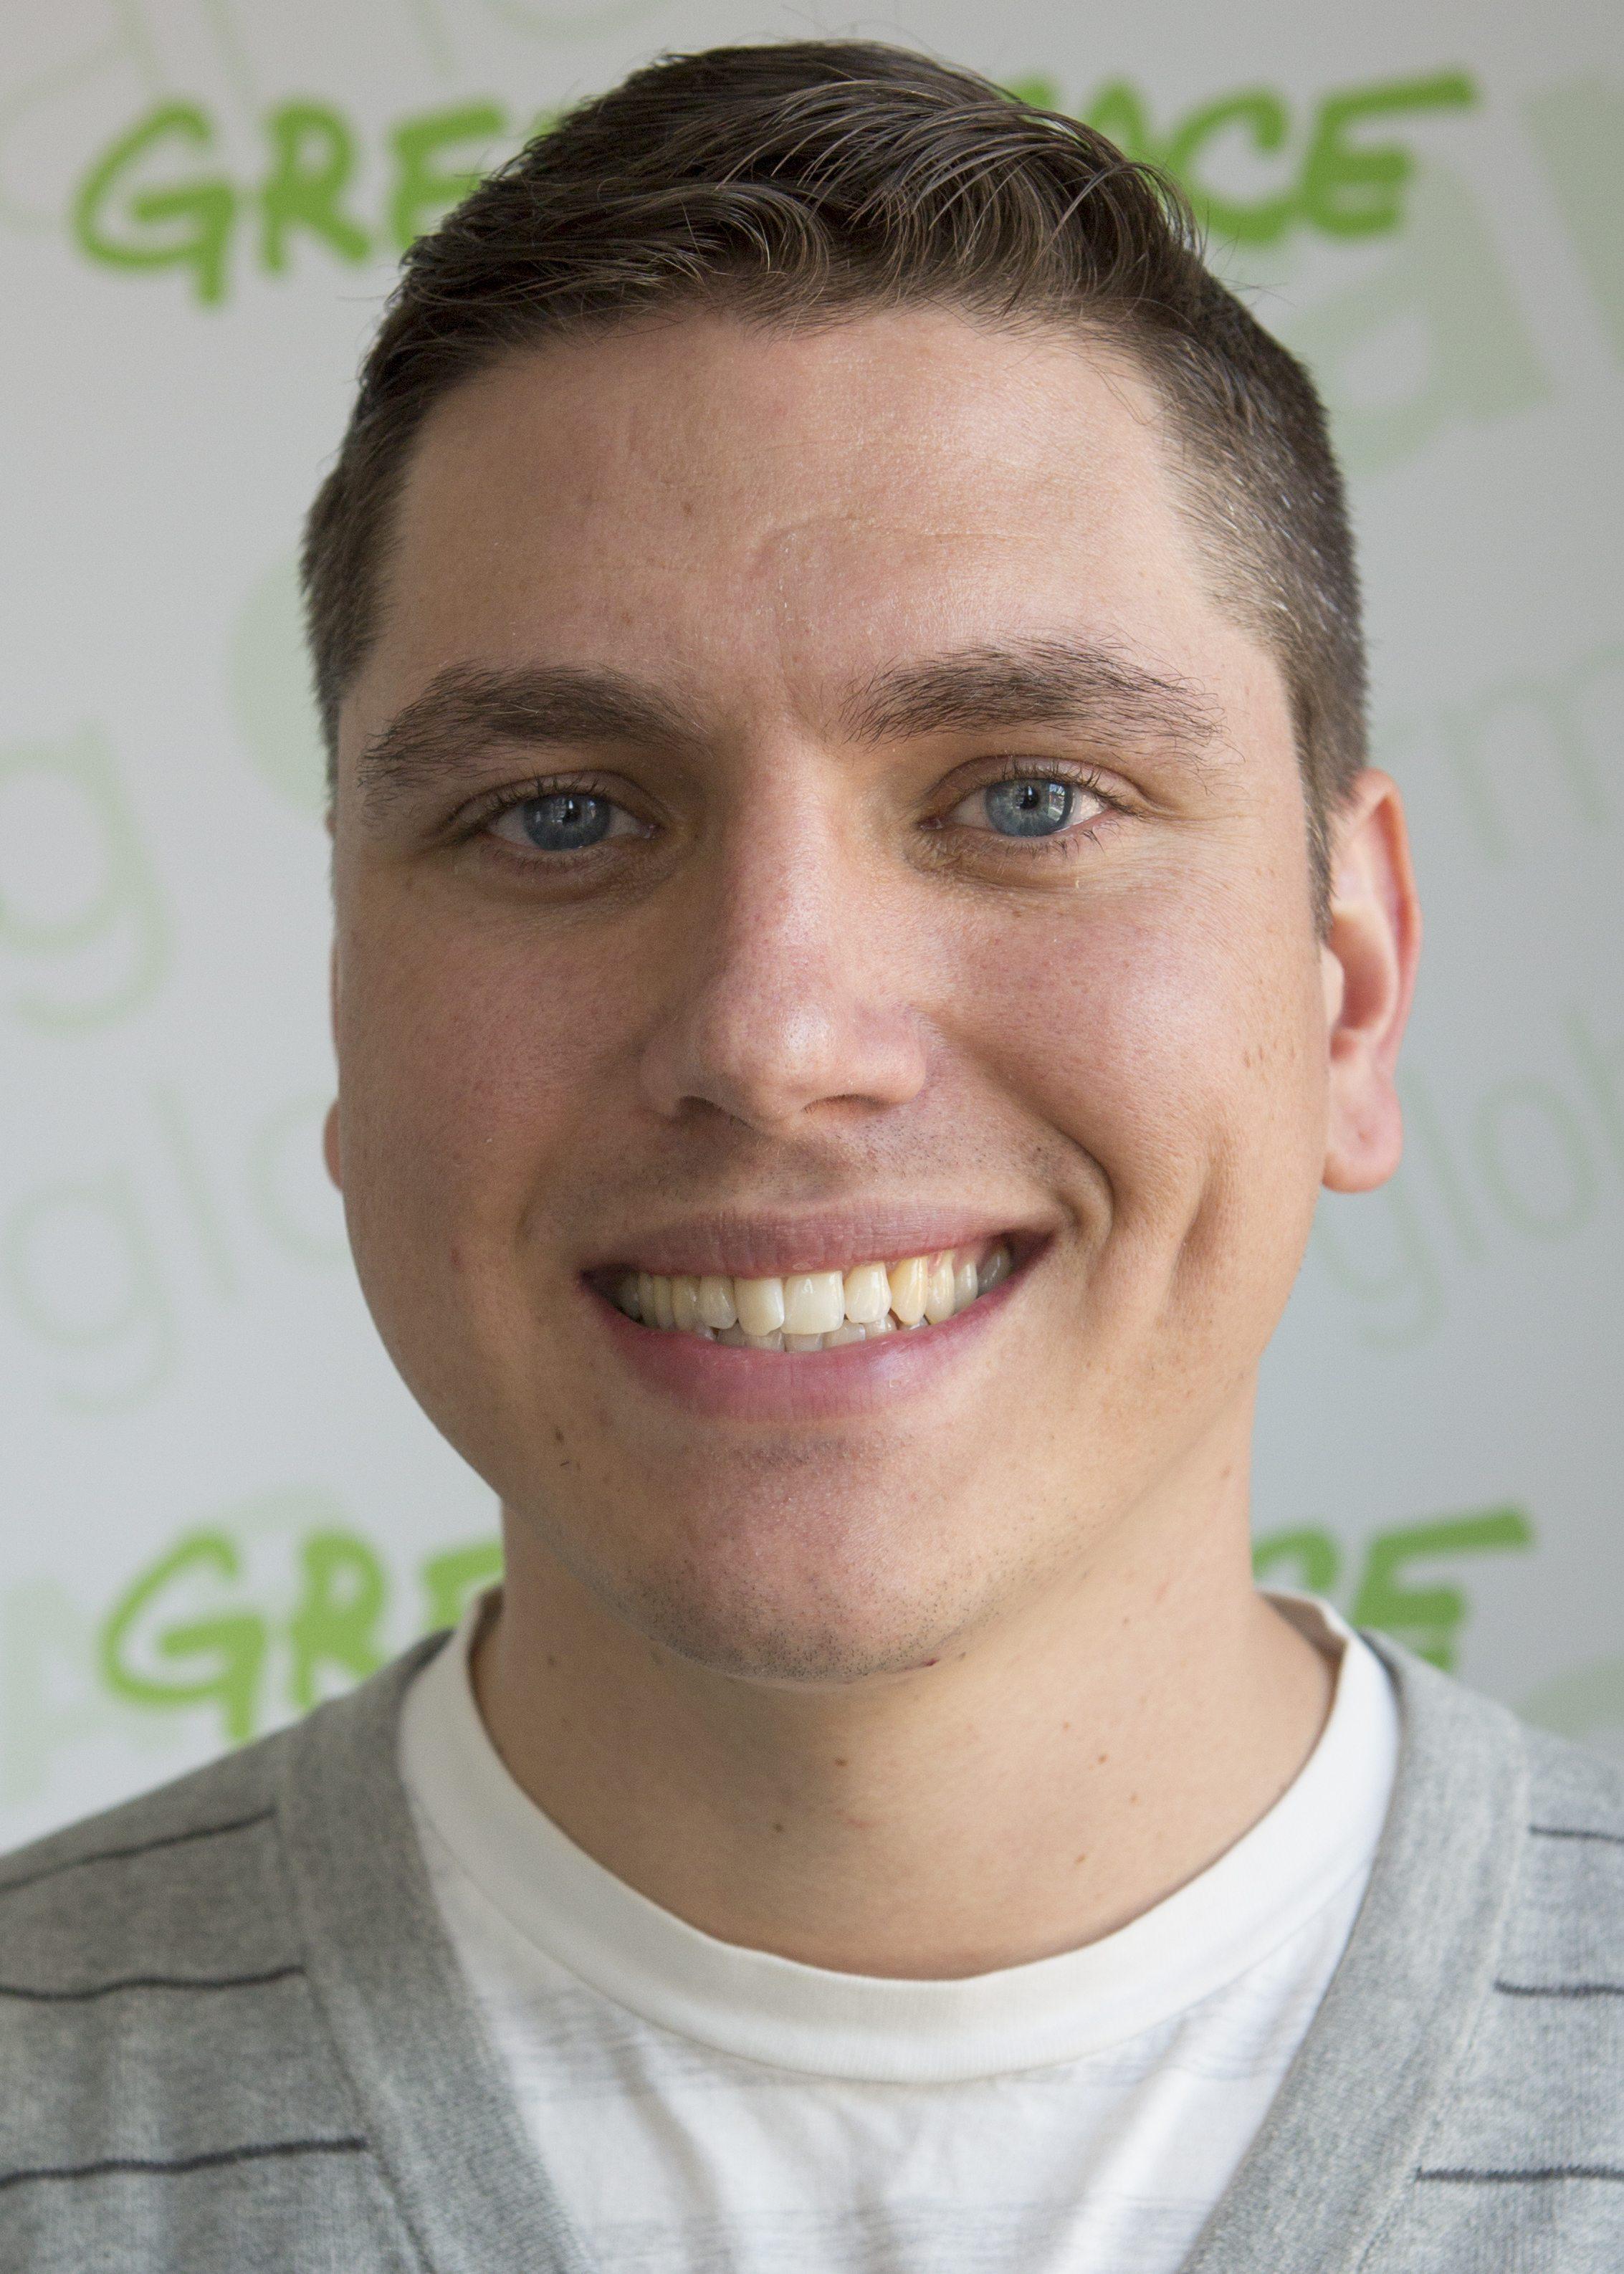 Michael Zytkow photo